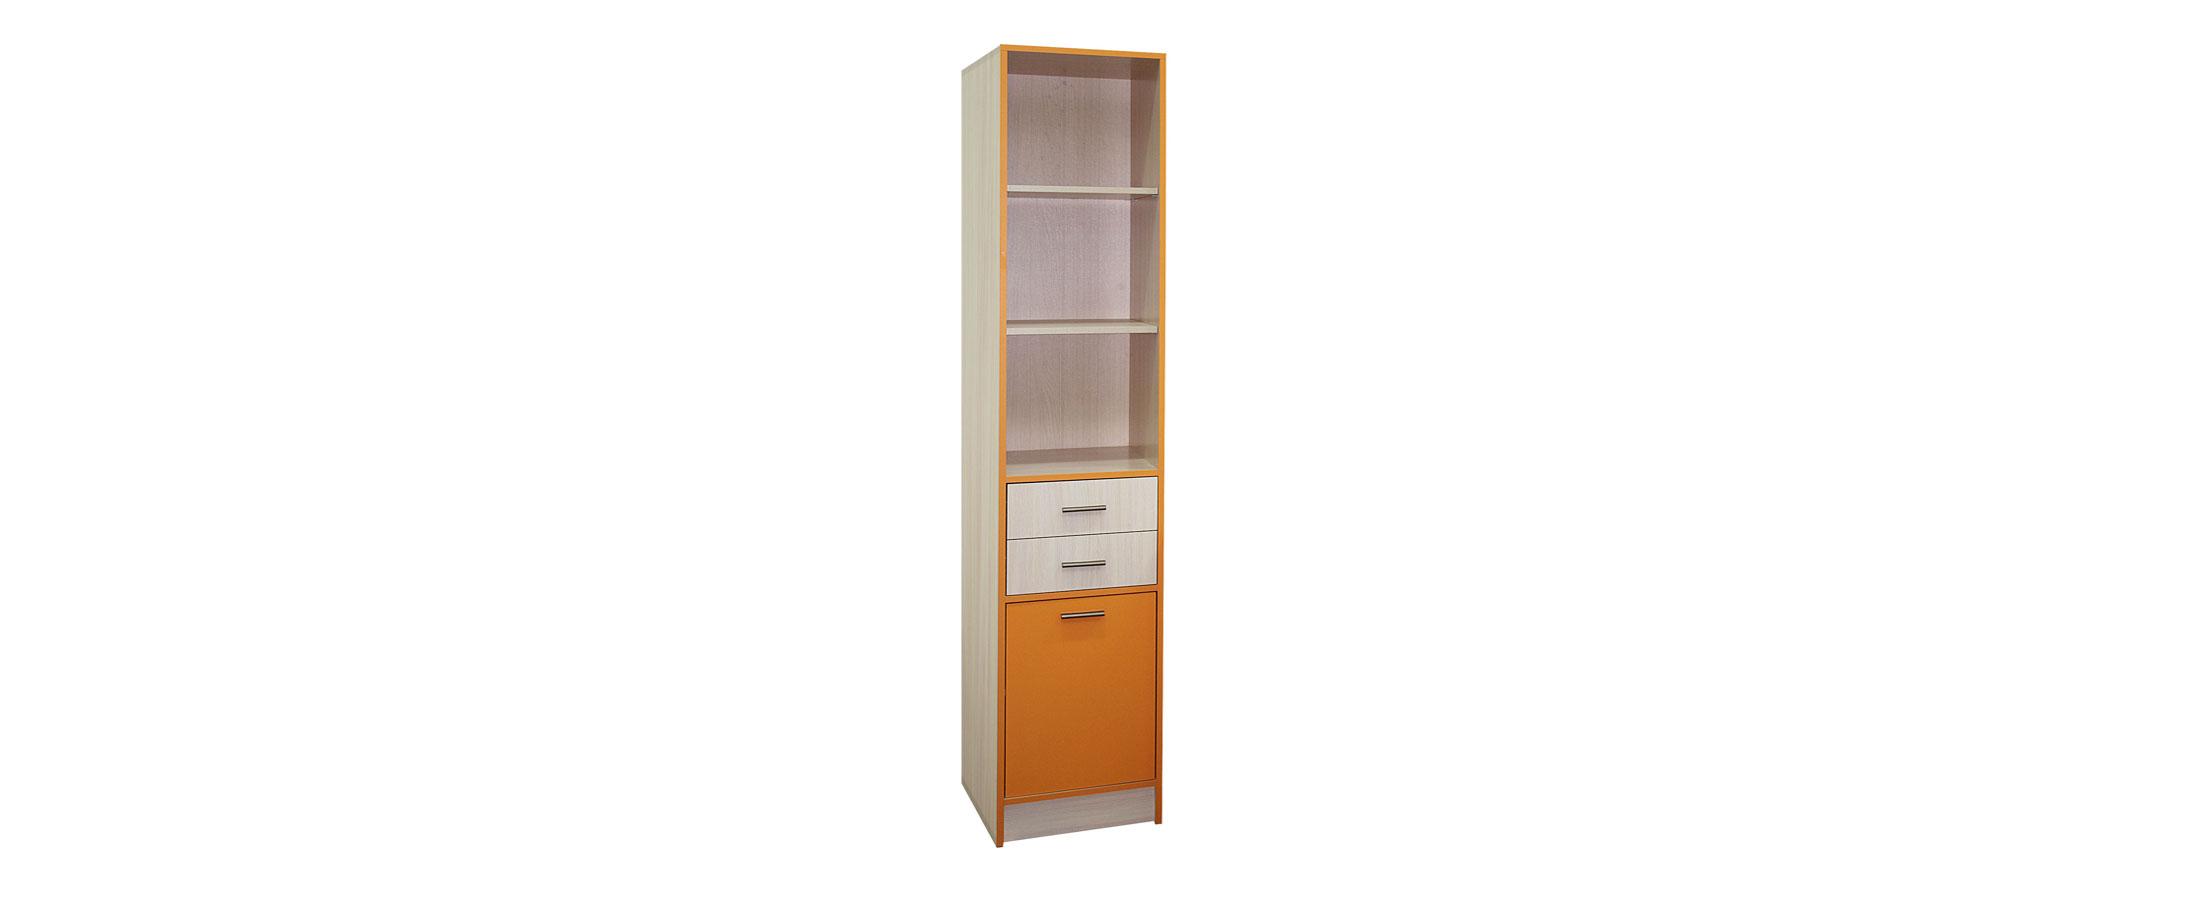 Шкаф для книг Скейт-3 Модель 507 от MOON TRADE